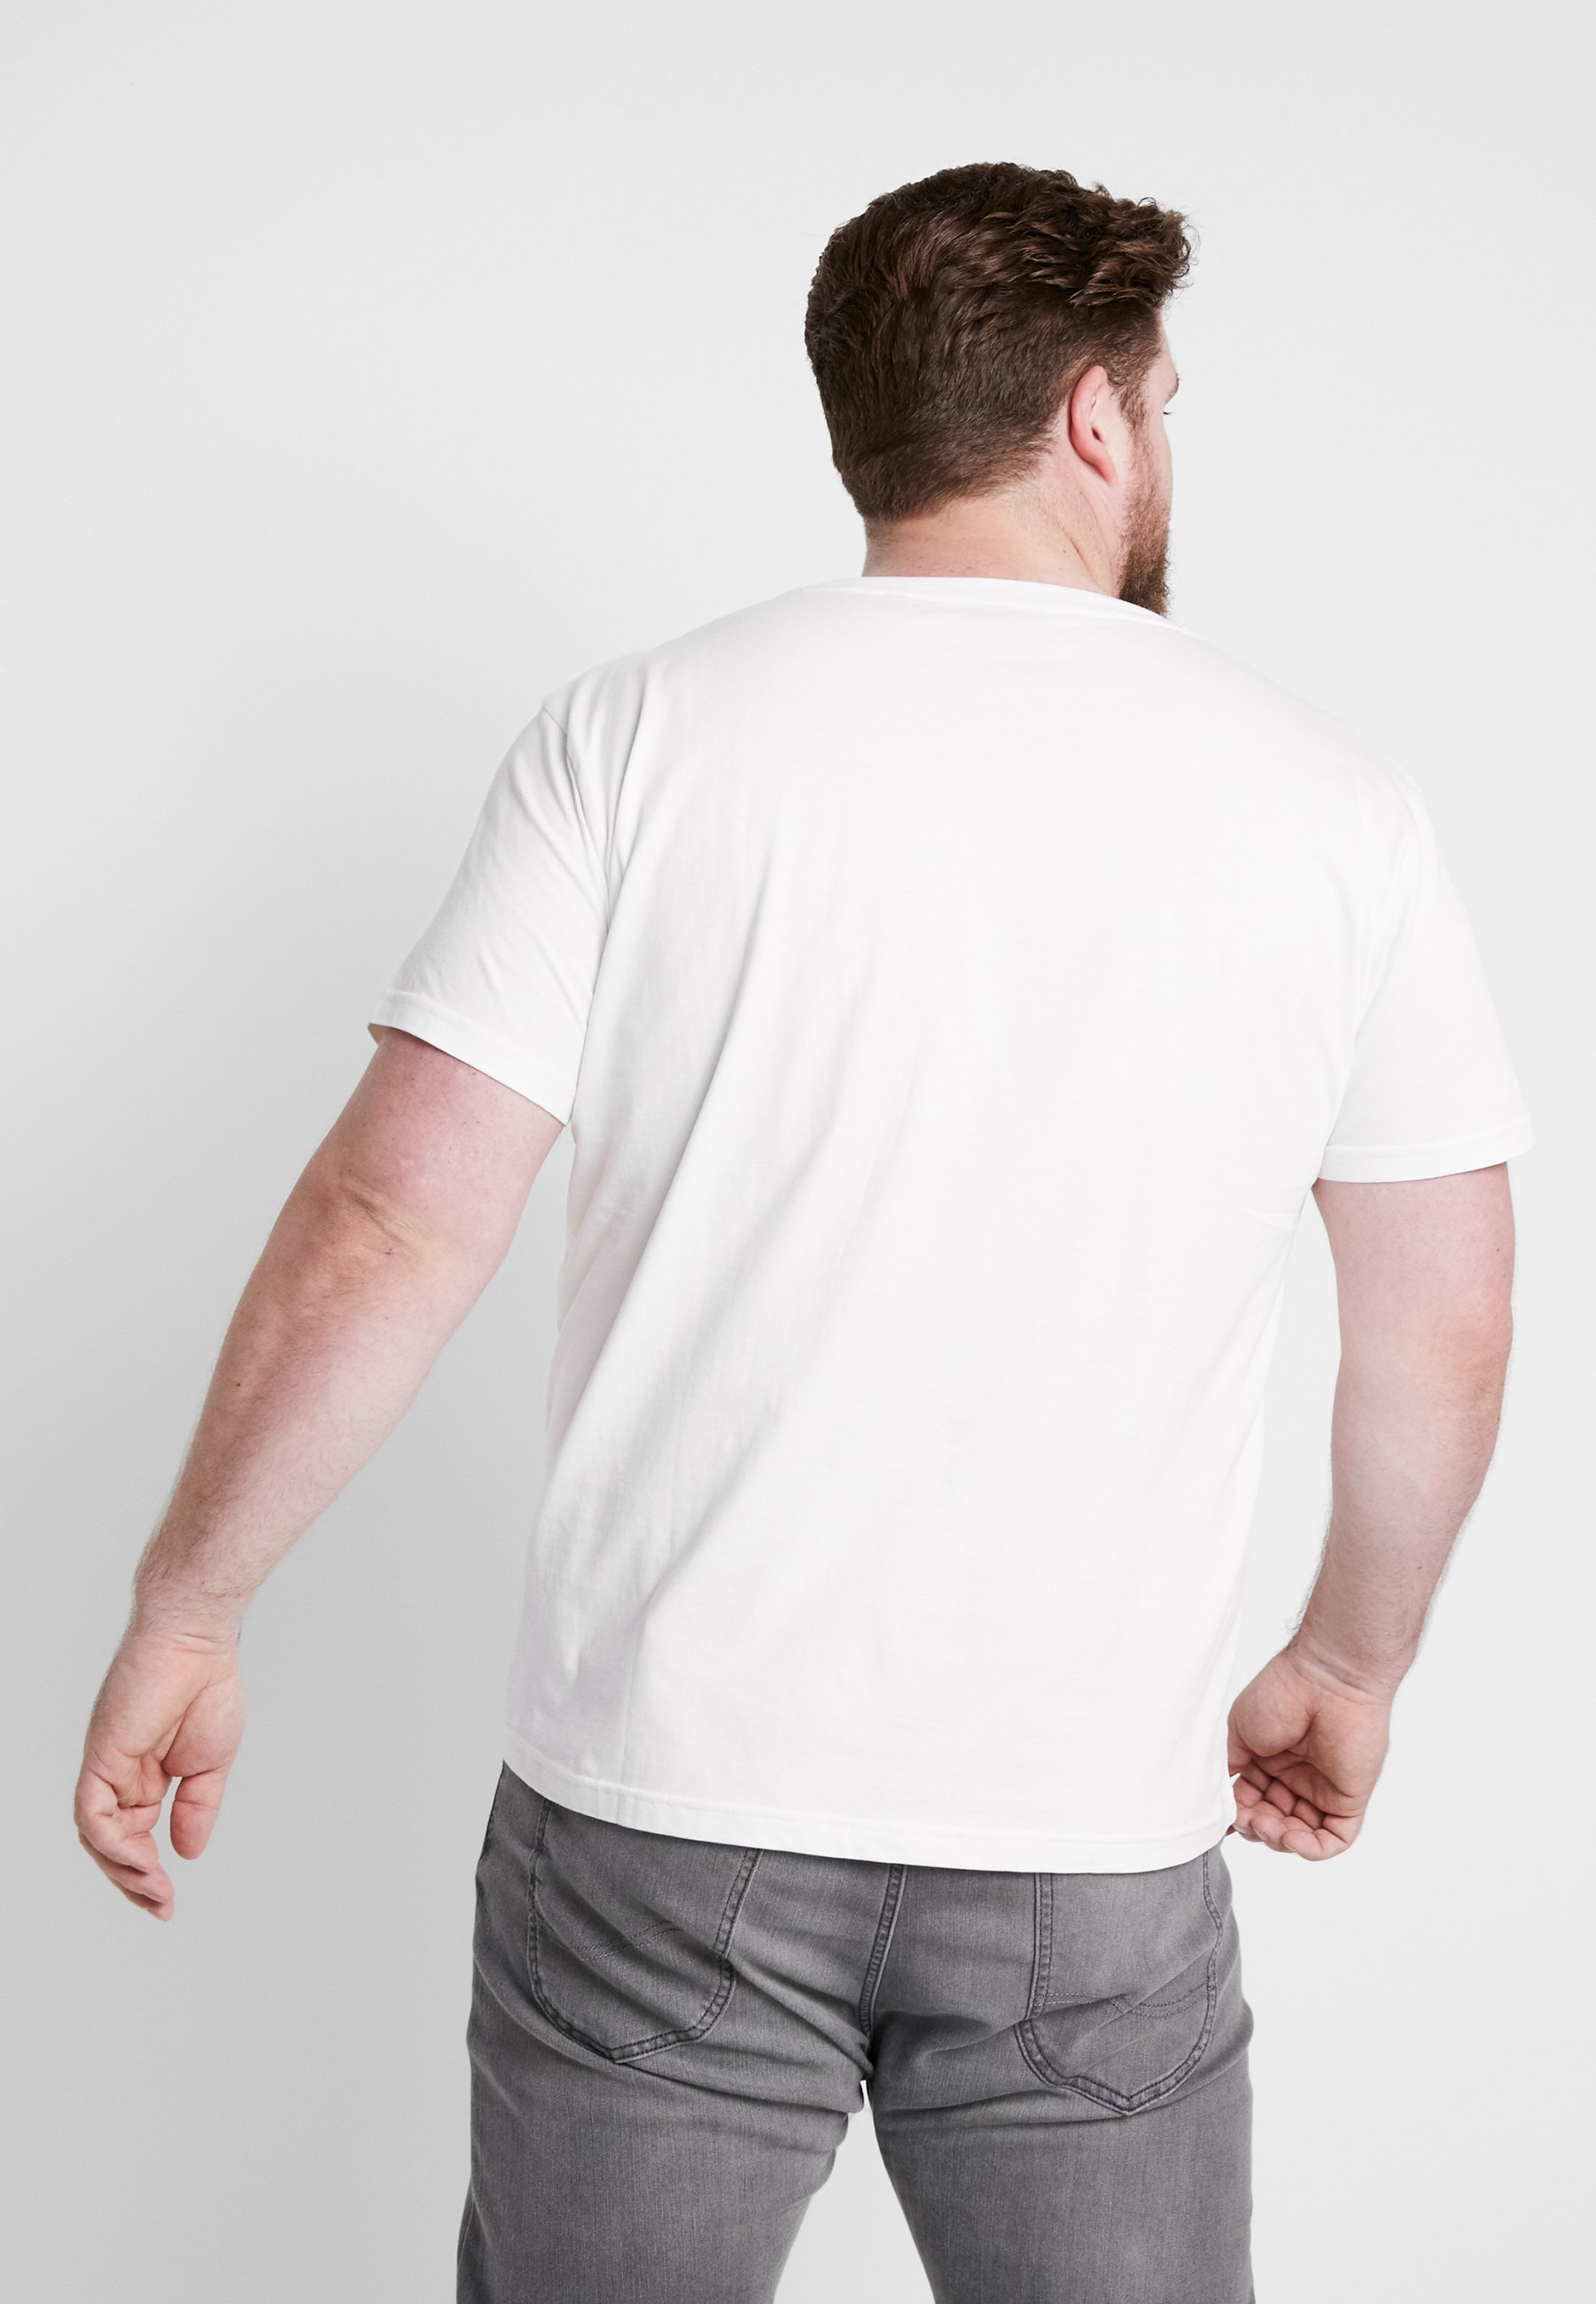 StripeT Eggshell Imprimé Gant Gant shirt wNnXZ80PkO